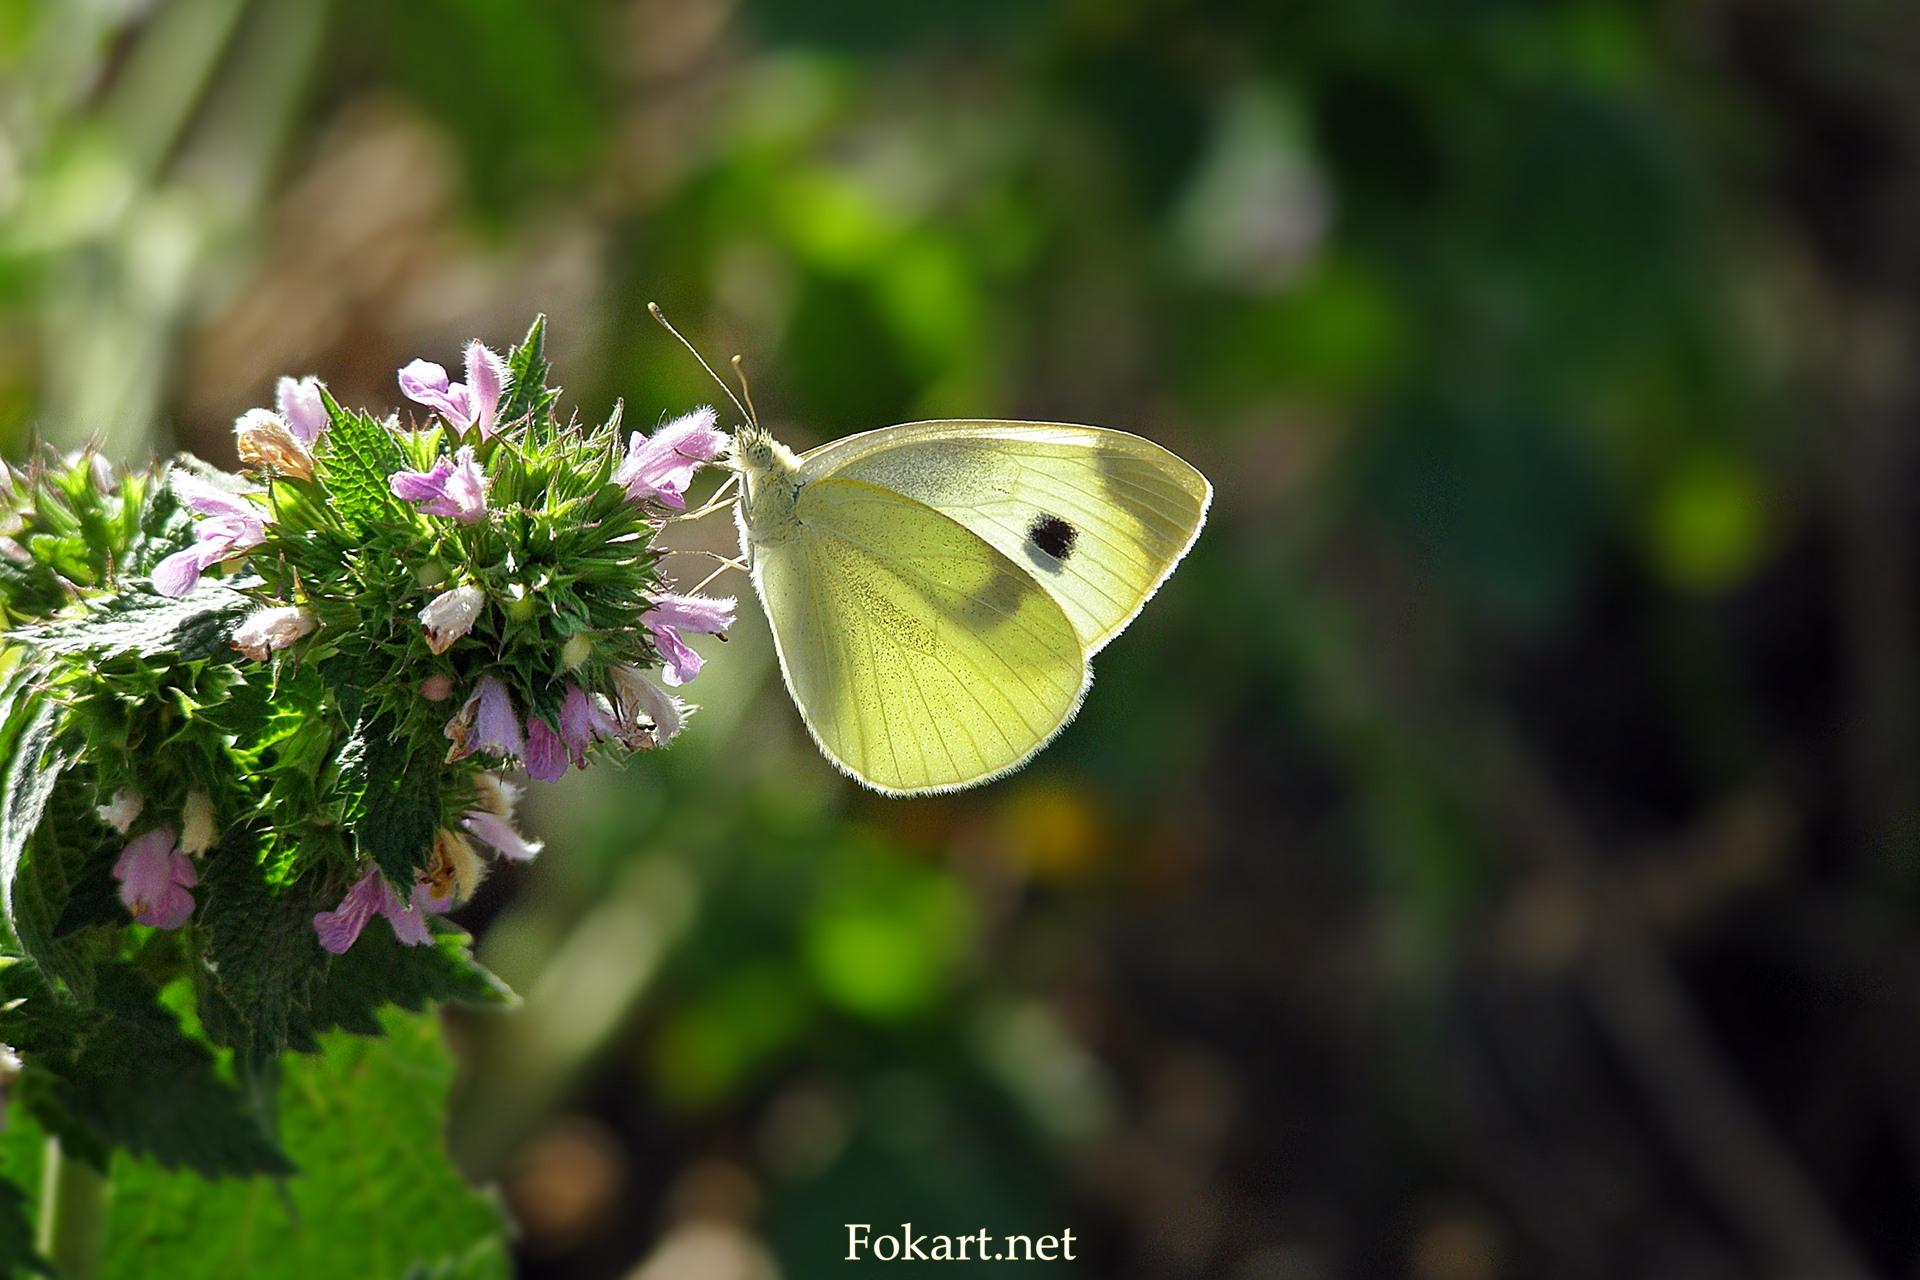 Капустница на цветке со сложенными крылышками